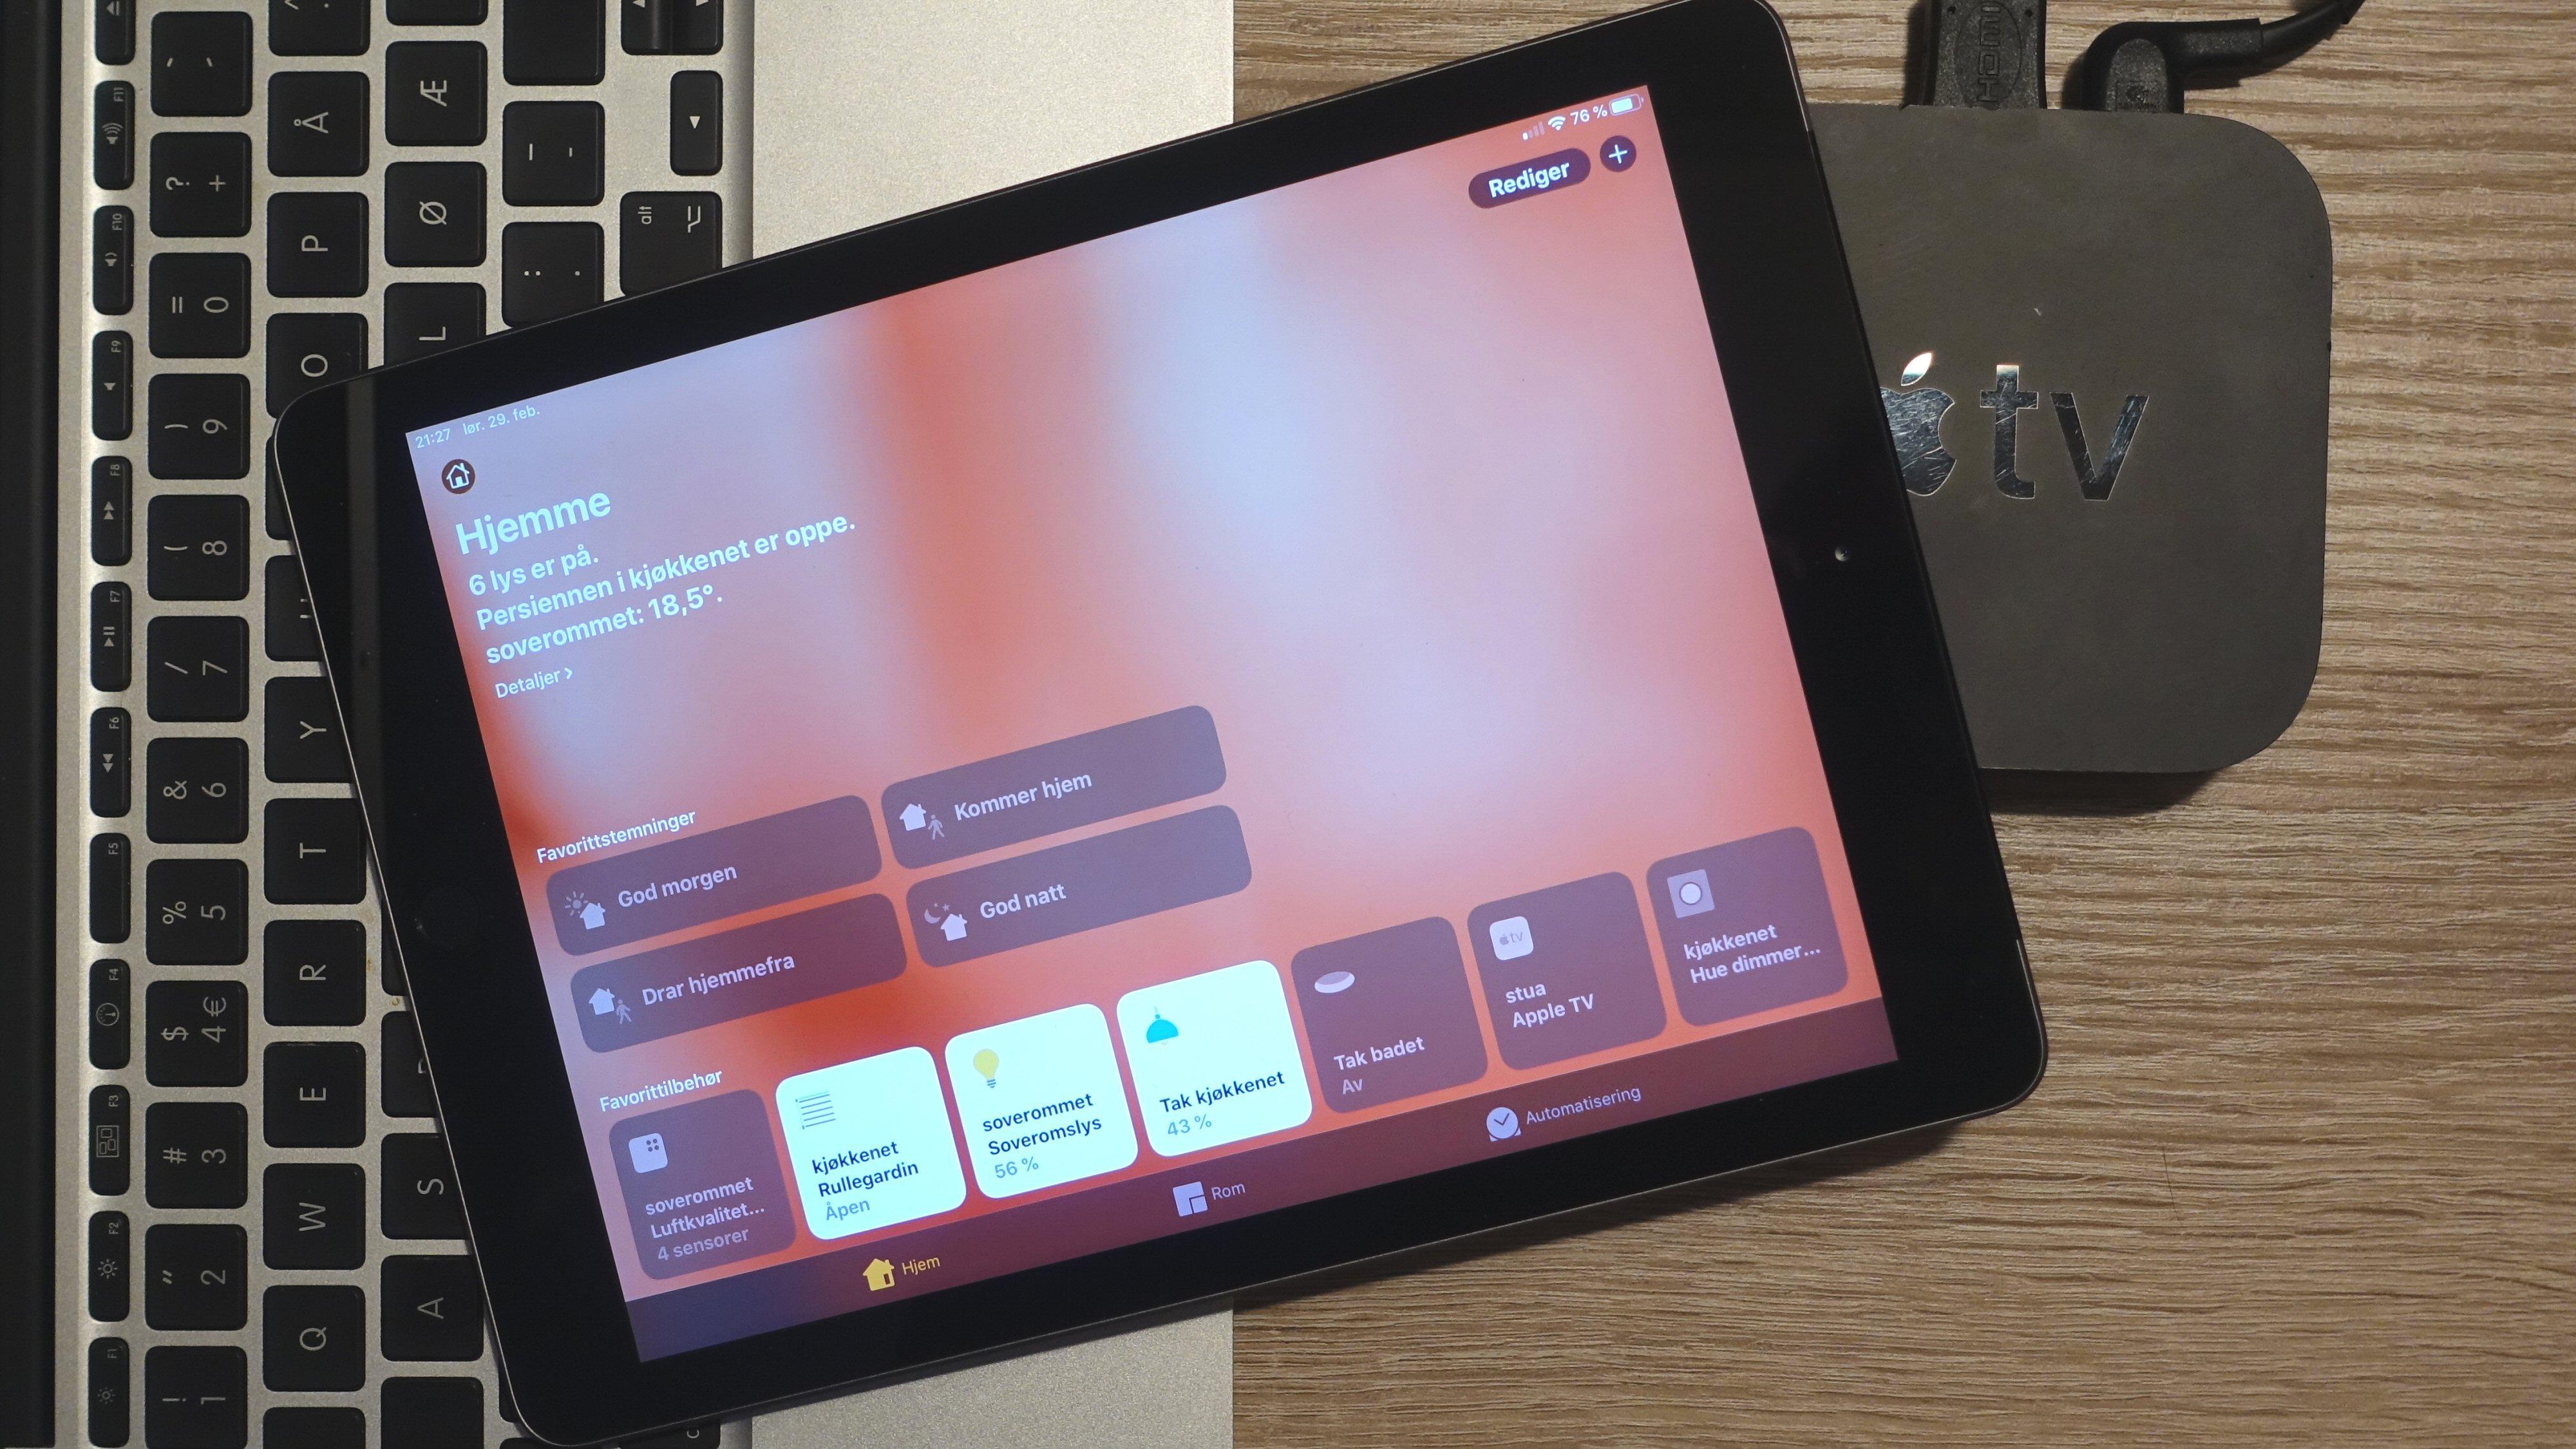 Kjekt å ha for å styre med HomeKit: Mac, iPad eller Apple TV.